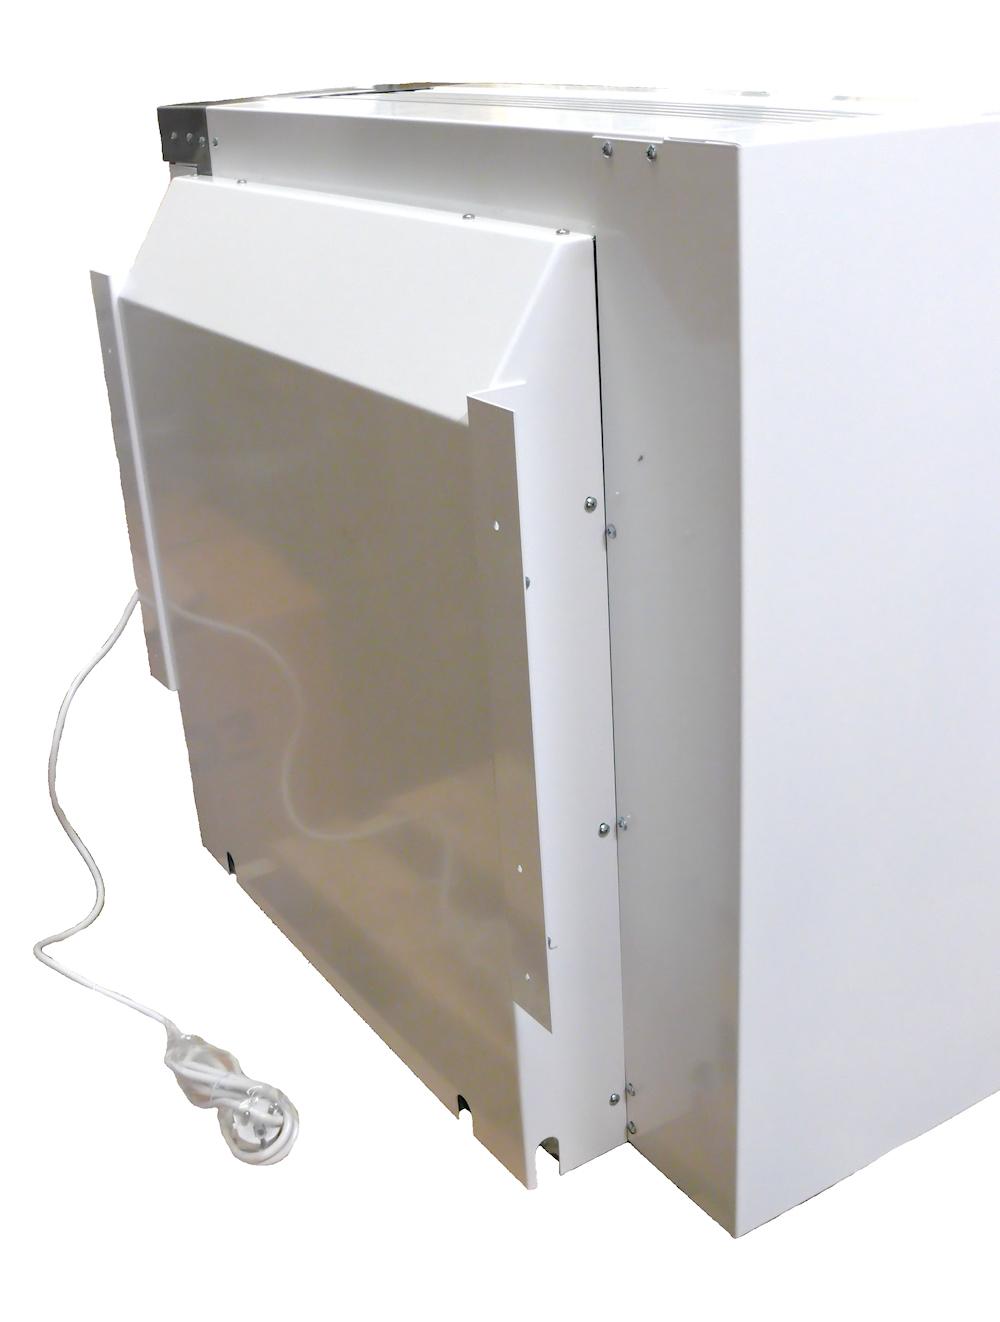 d1100 rear dehumidifiers by Ecor Pro